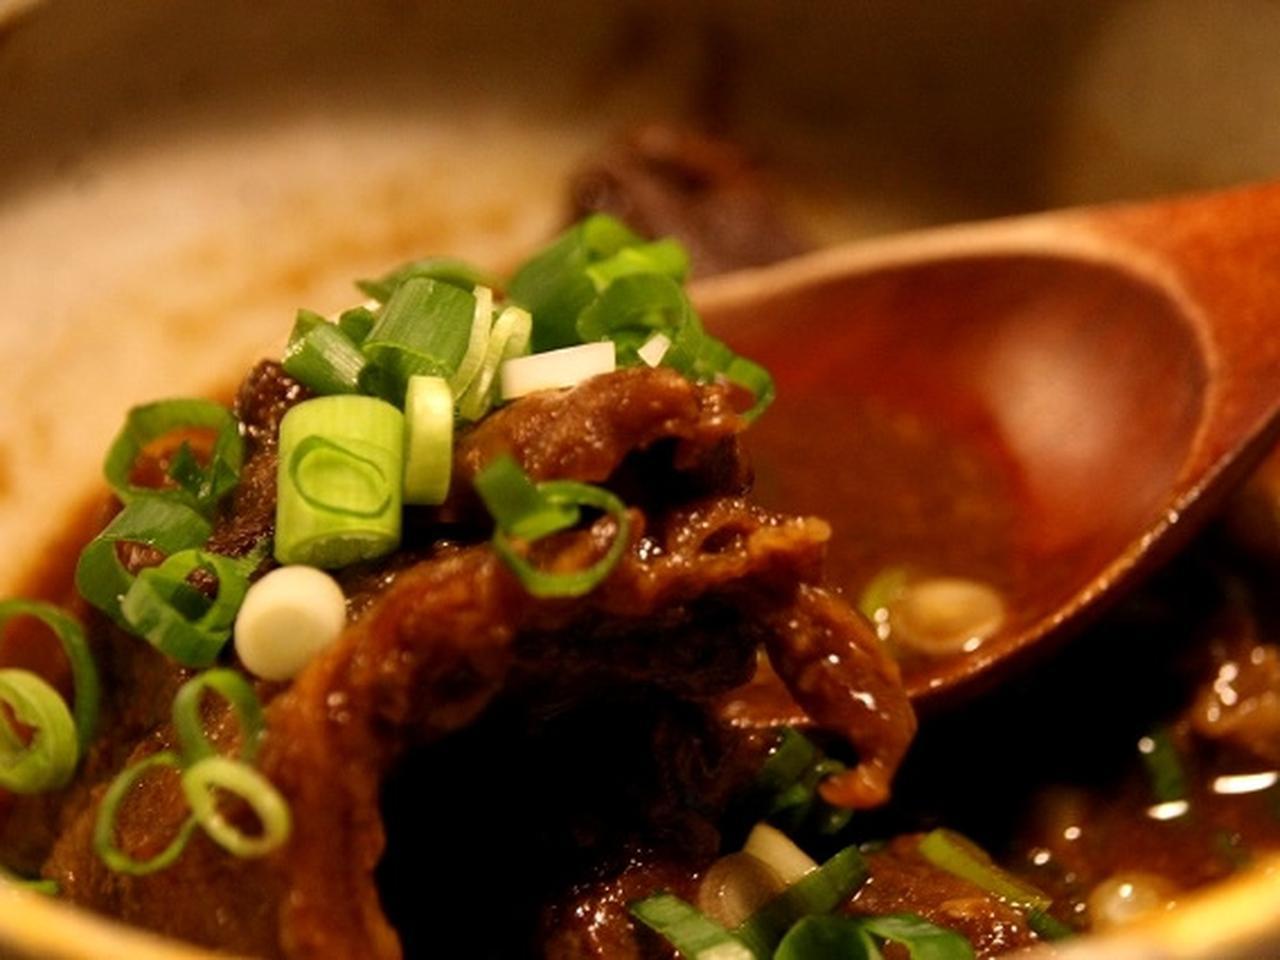 画像: 「牛すじ肉の味噌煮込み」八丁味噌と仙台味噌を合わせているそう。牛すじ柔らかく、コクのある味噌テイストに思わず唸ります。